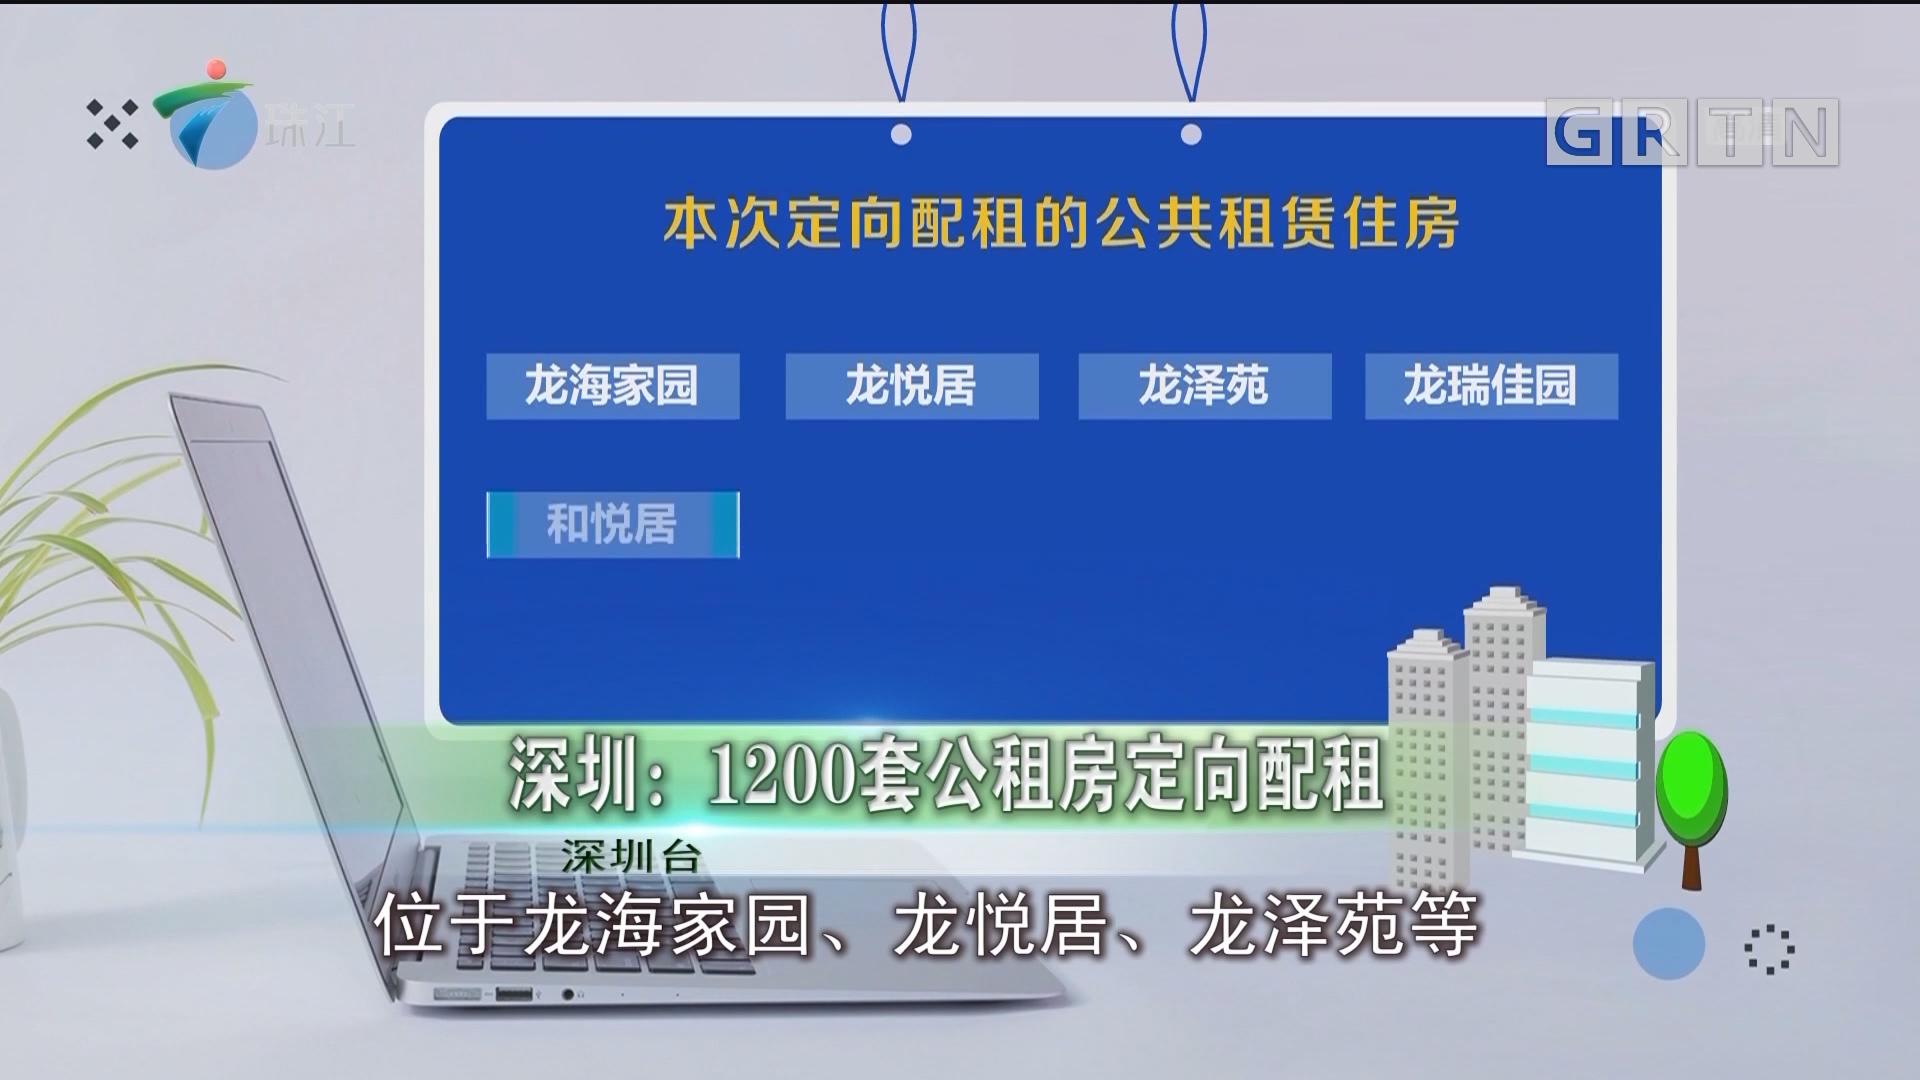 深圳:1200套公租房定向配租